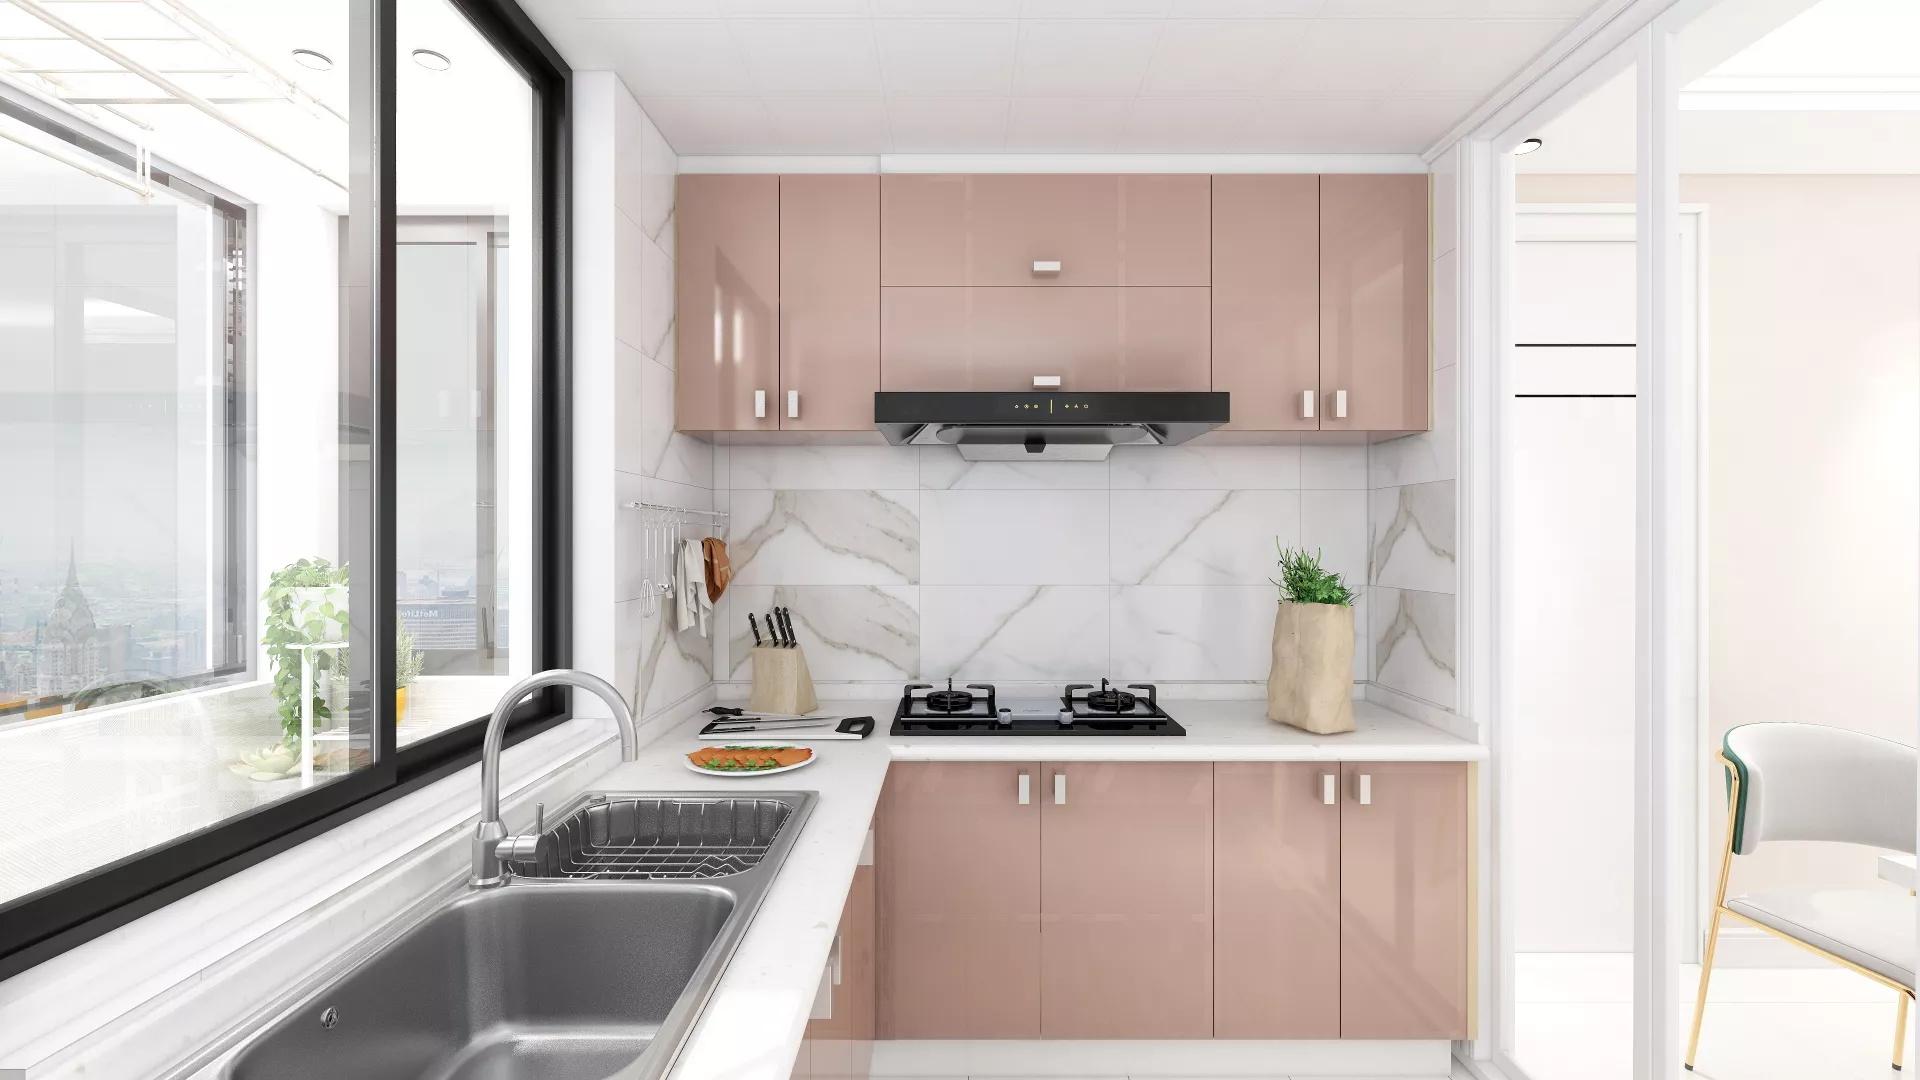 家居塑鋼窗滑輪有哪些類型?室內塑鋼窗滑輪類型選哪個好?